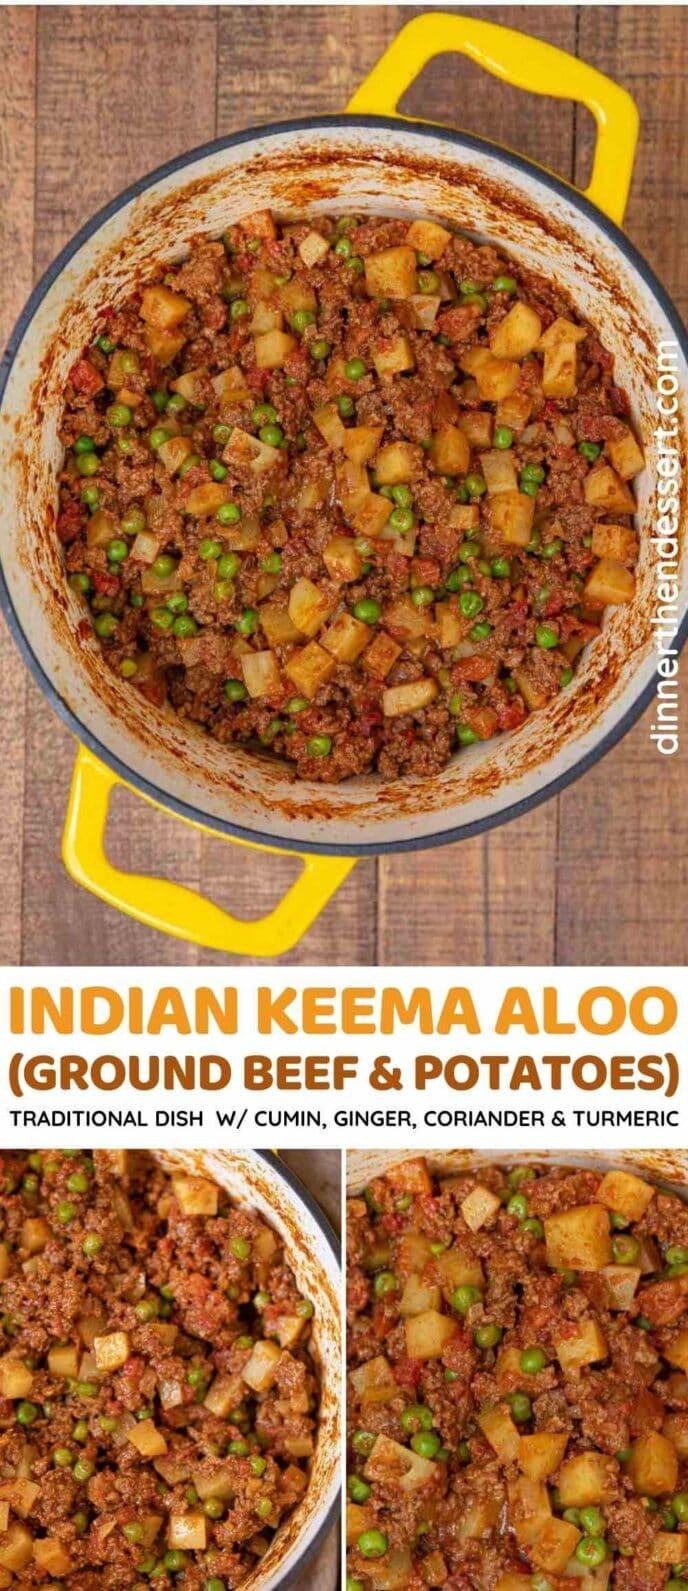 Indian Keema Aloo collage